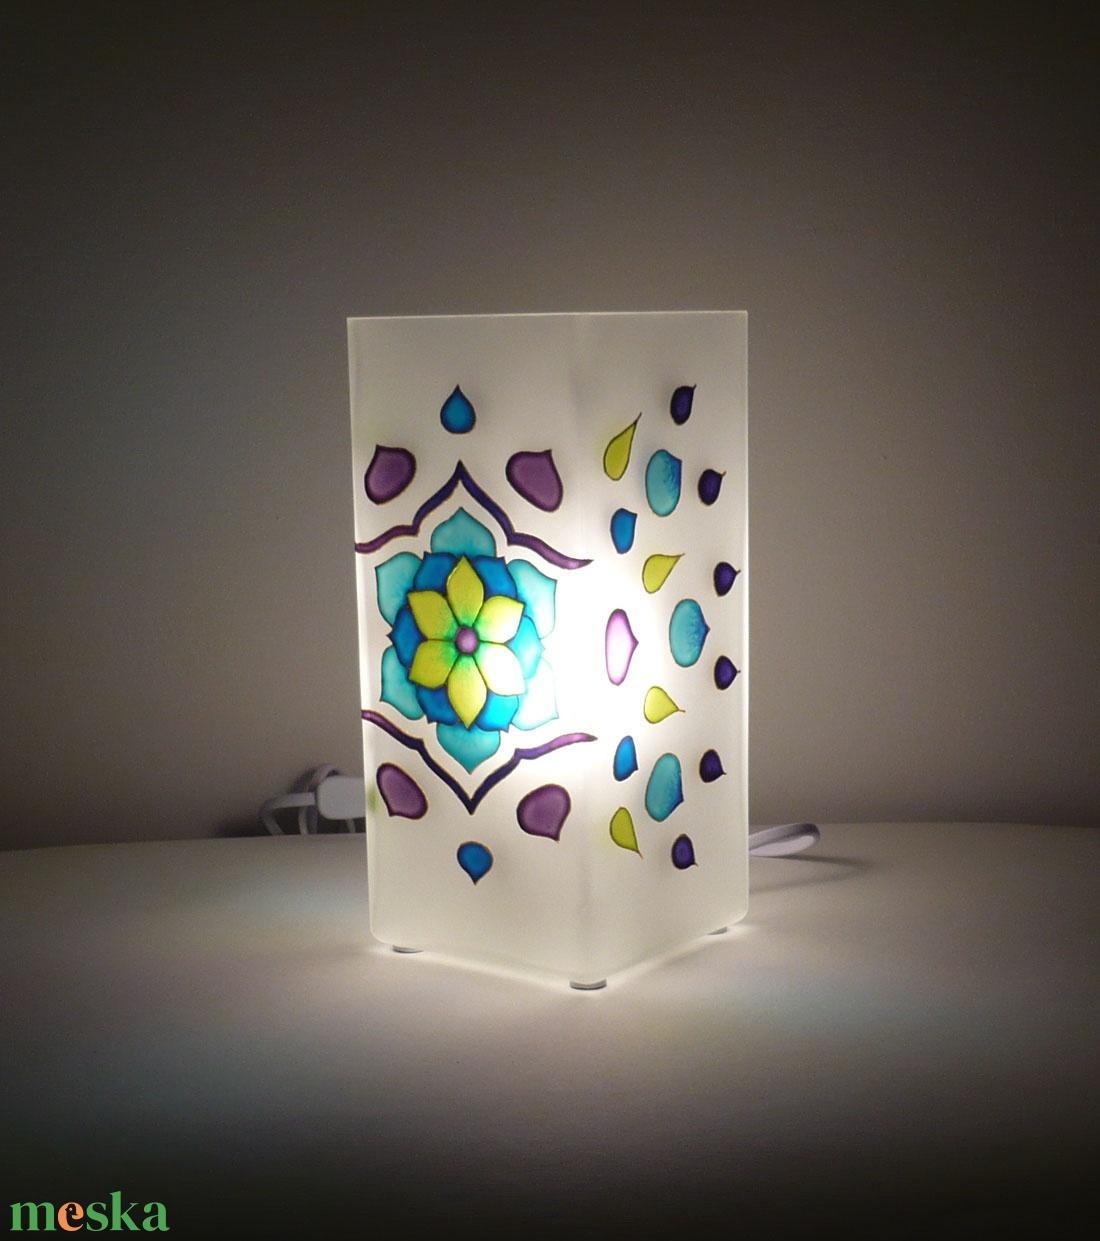 Tavaszi szél - egyedi festett virágos mandala üveglámpa - otthon & lakás - lámpa - asztali lámpa - Meska.hu